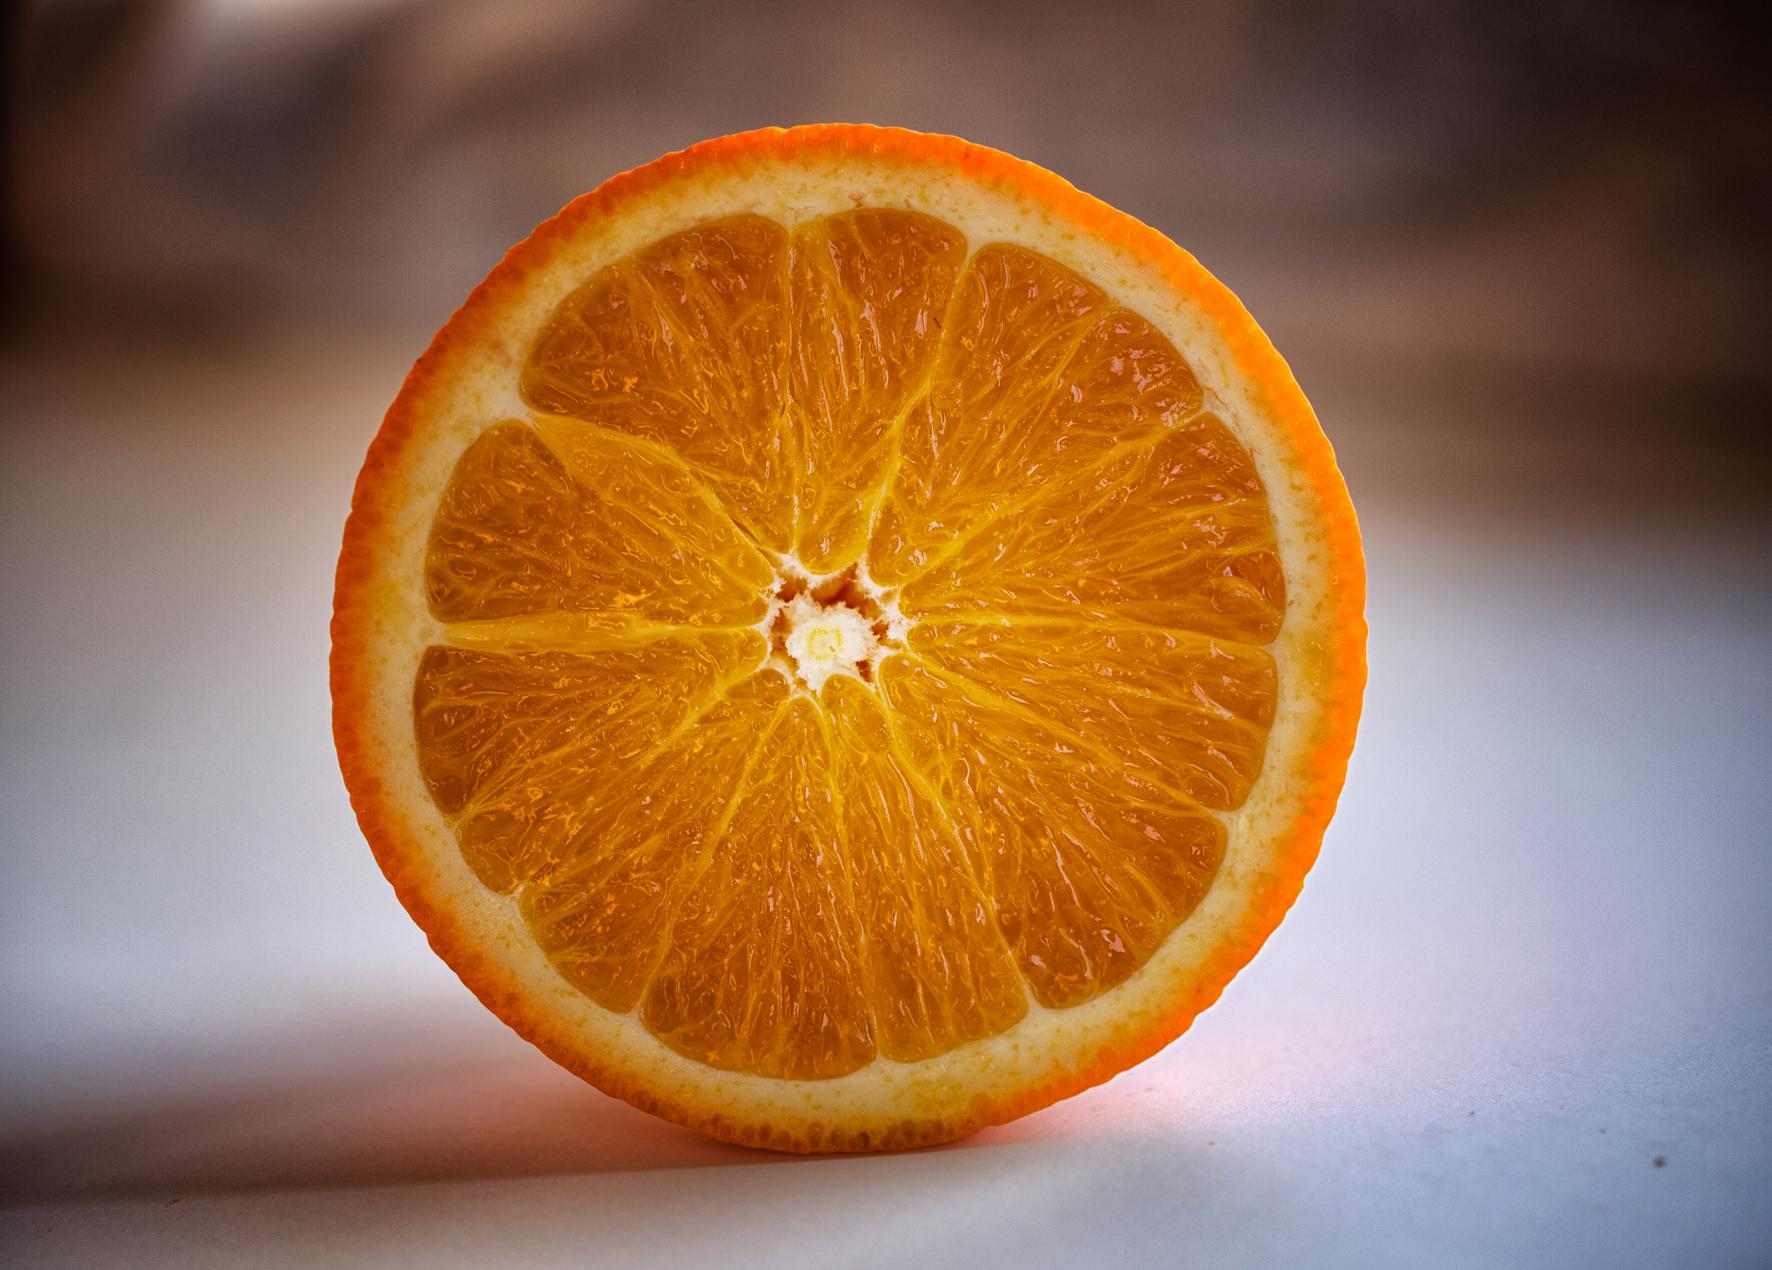 orange-2-detail-halved-resized.jpg